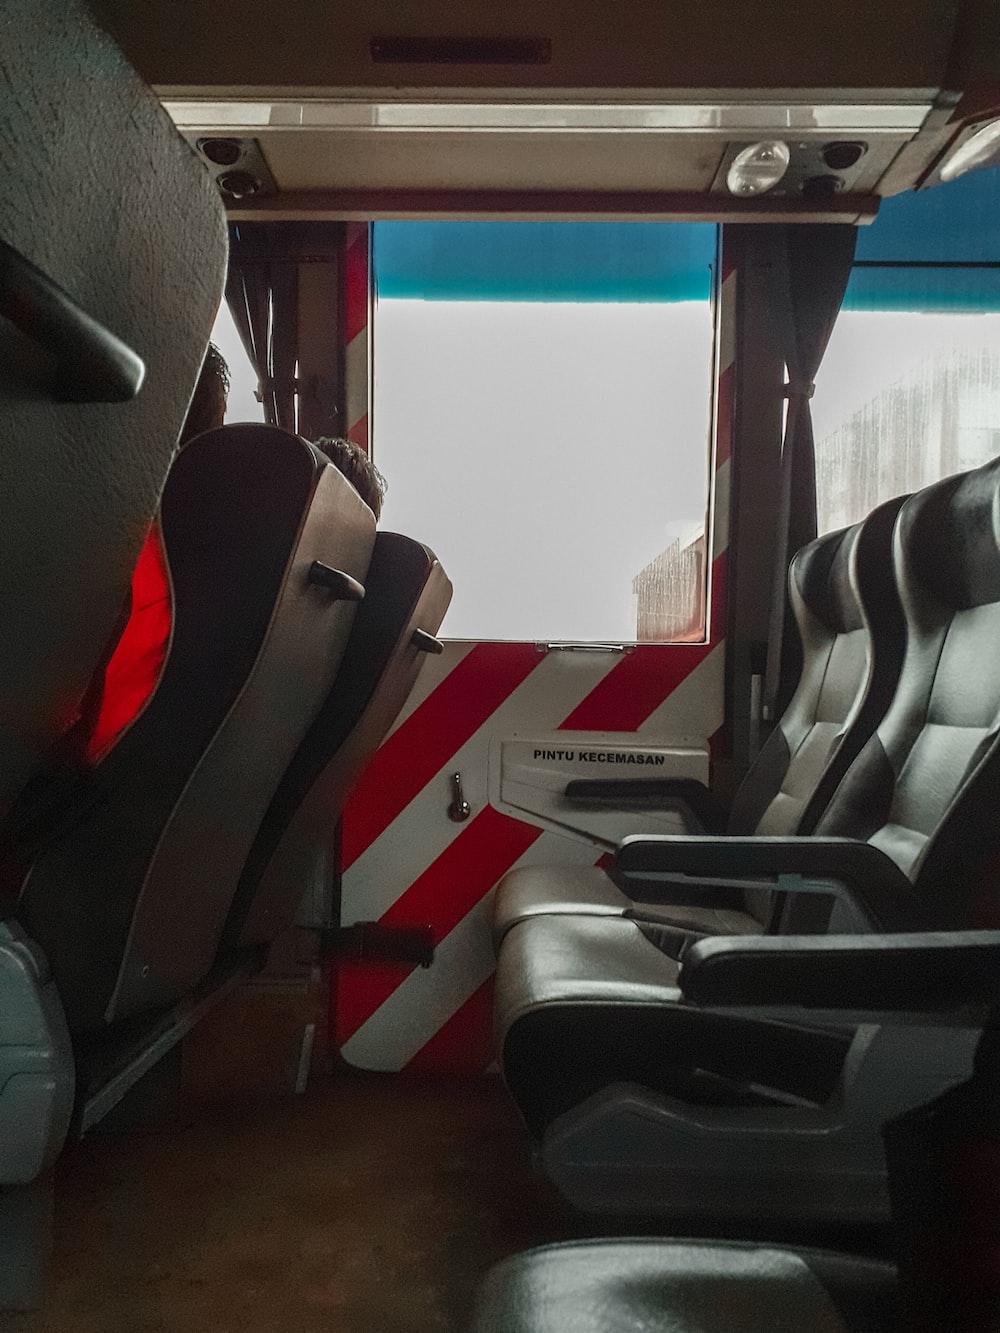 empty vehicle seats